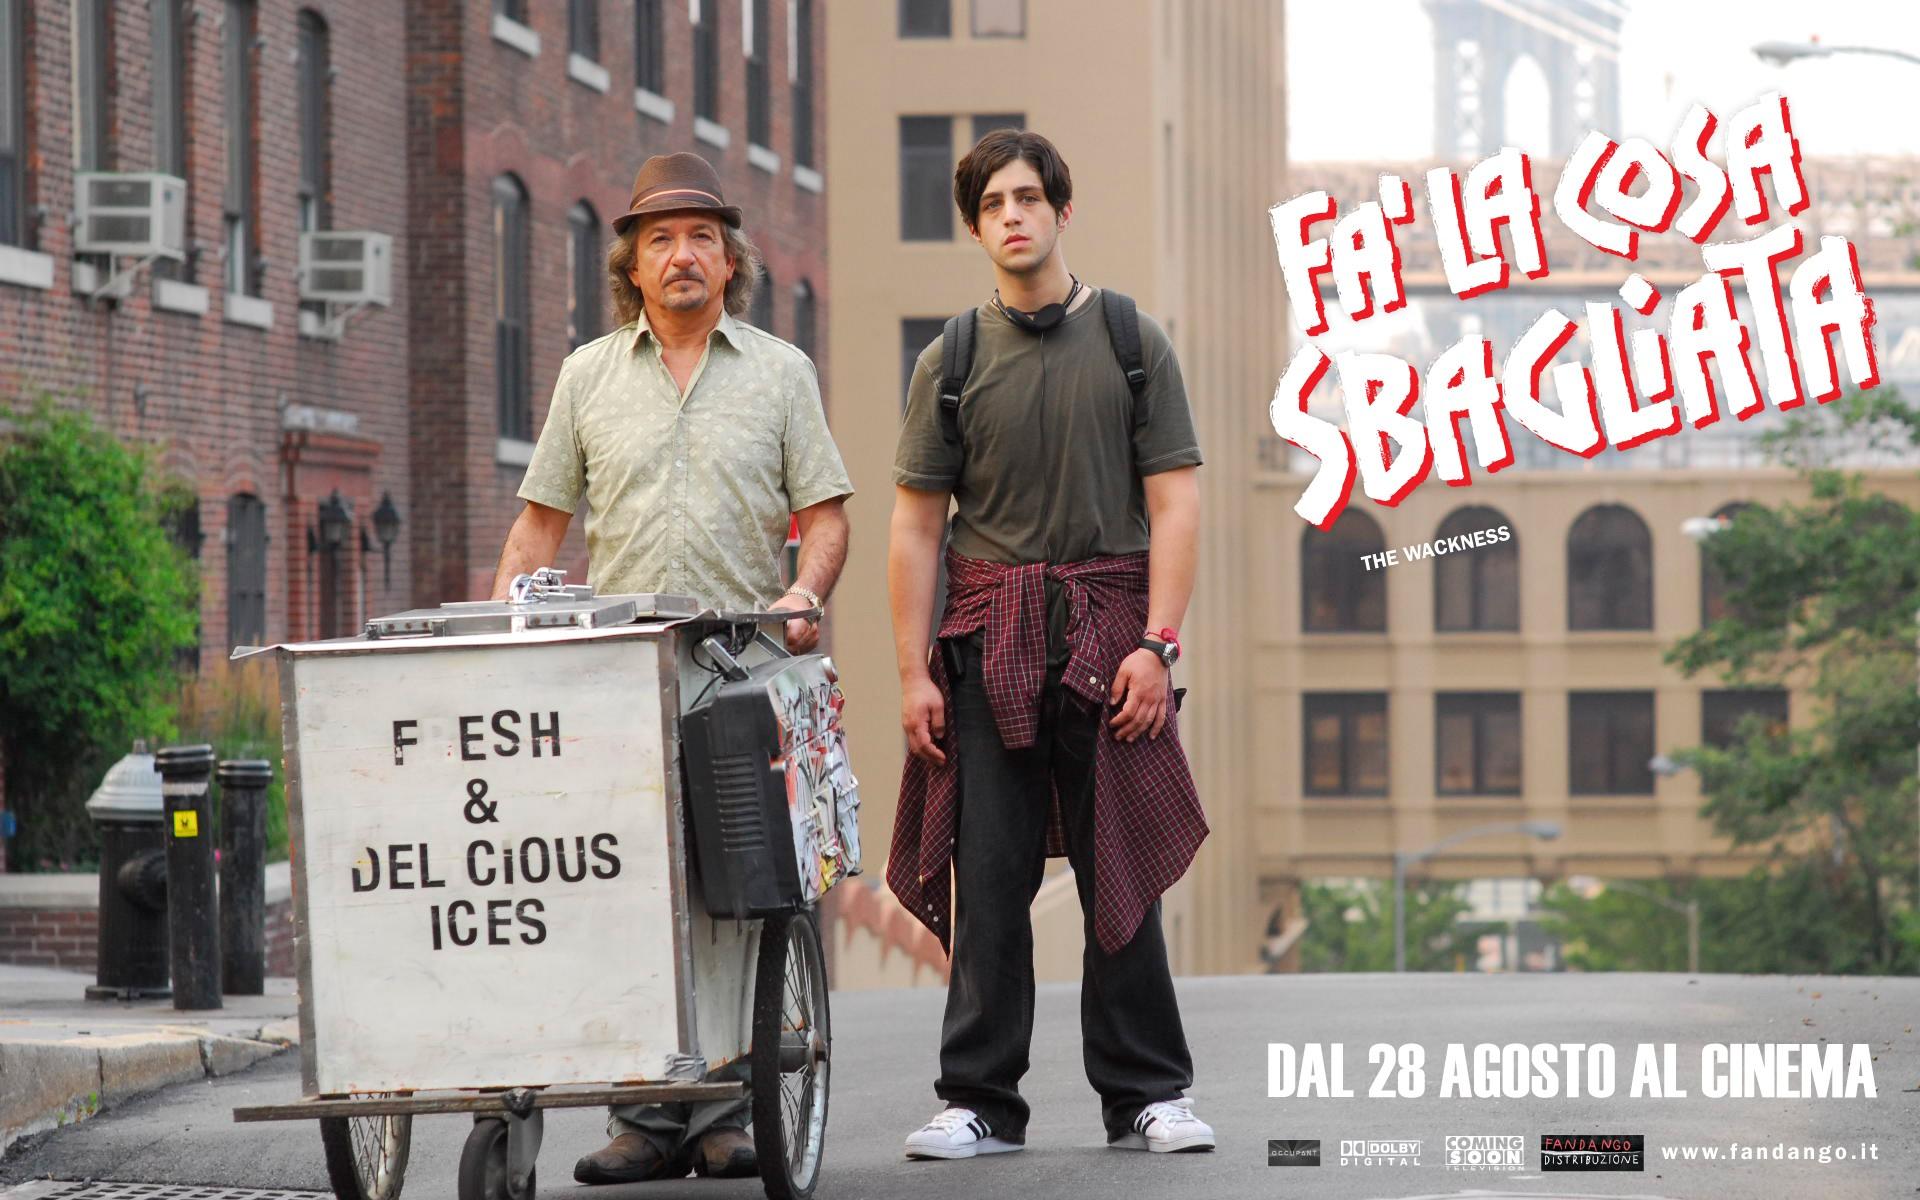 Wallpaper: Ben Kingsley e Josh Peck sono i protagonisti del film Fa' la cosa sbagliata - The Wackness